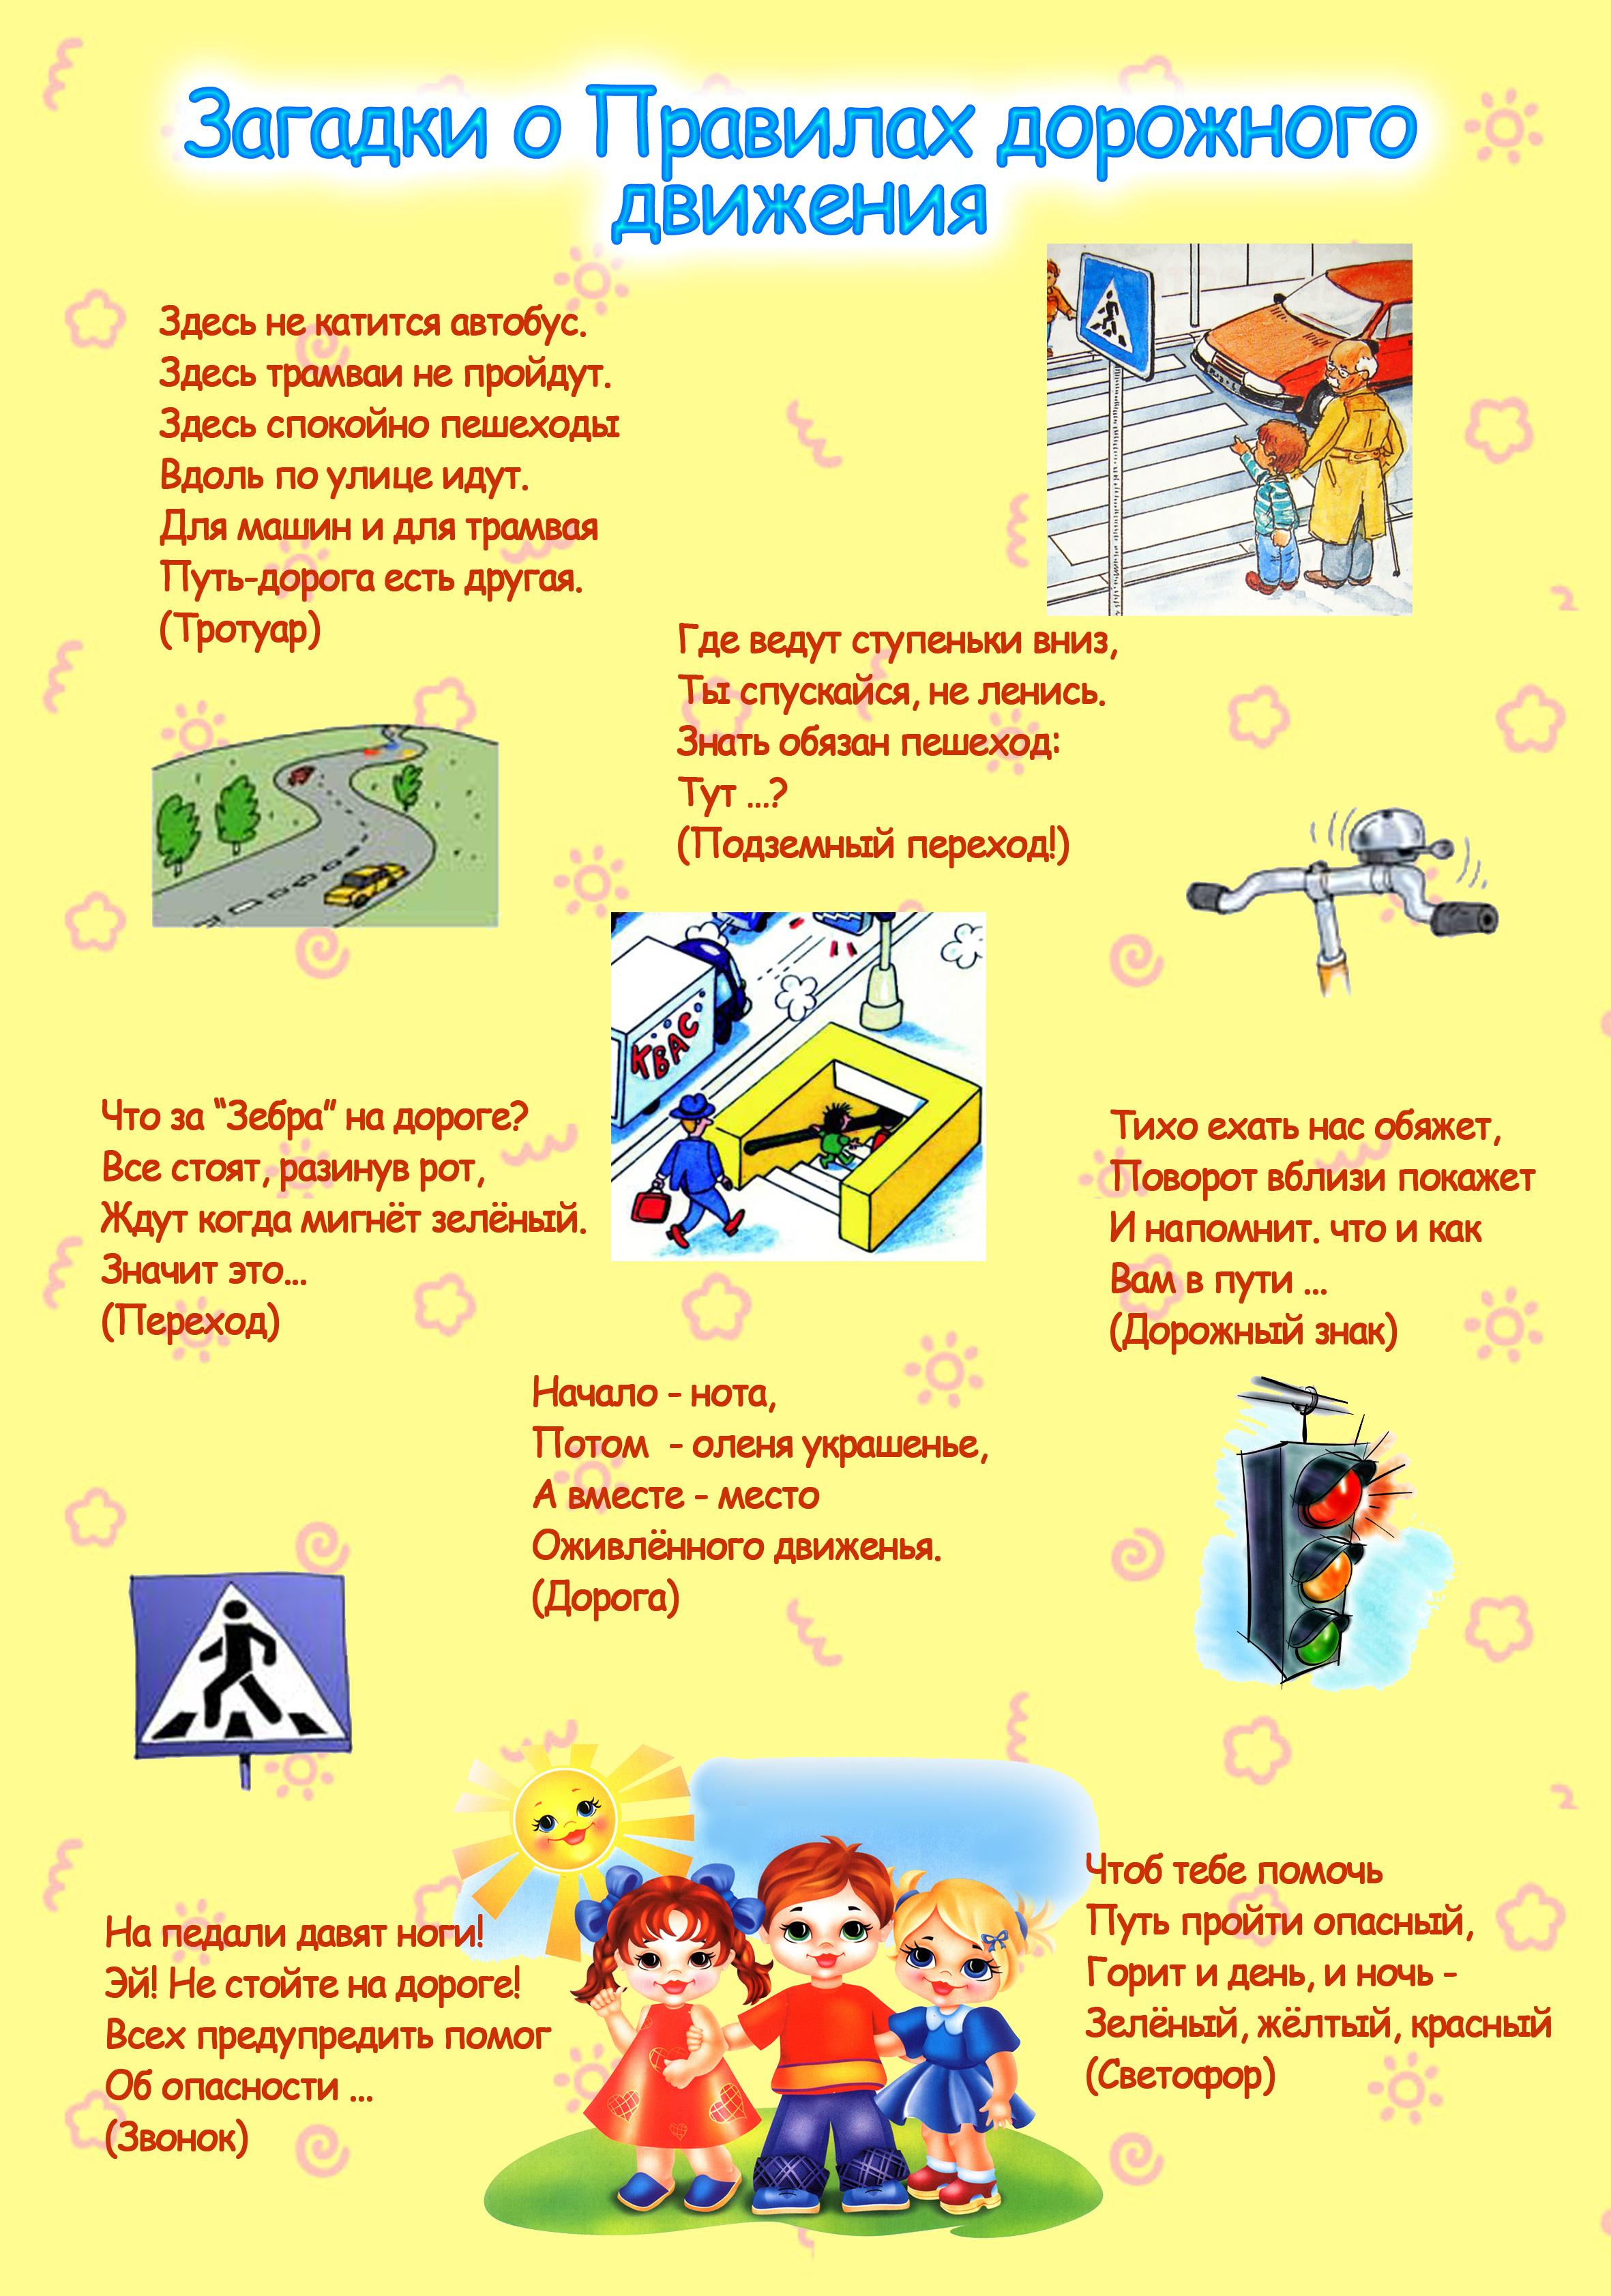 Пословицы про правила дорожного движения для детей 8